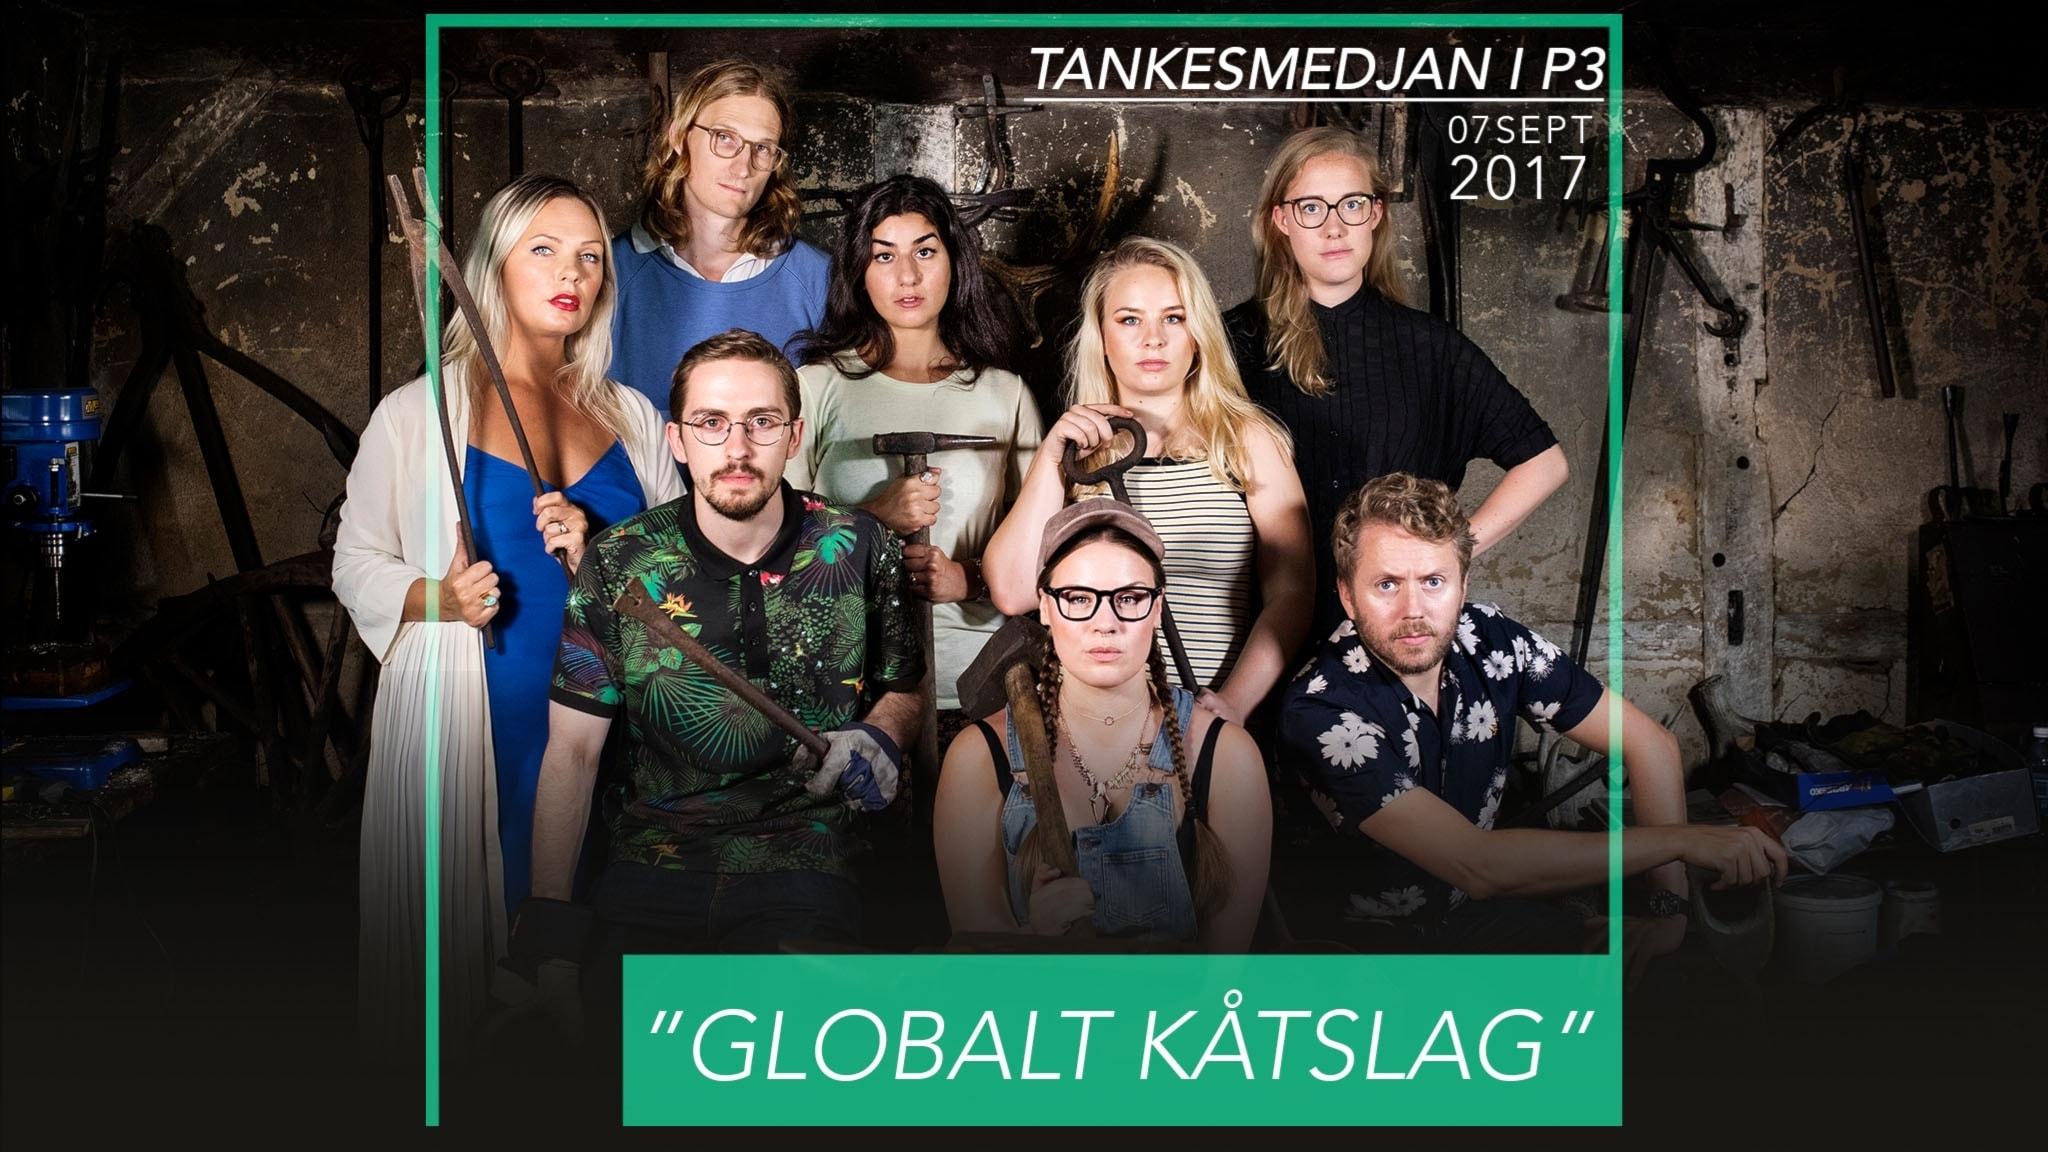 Globalt kåtslag